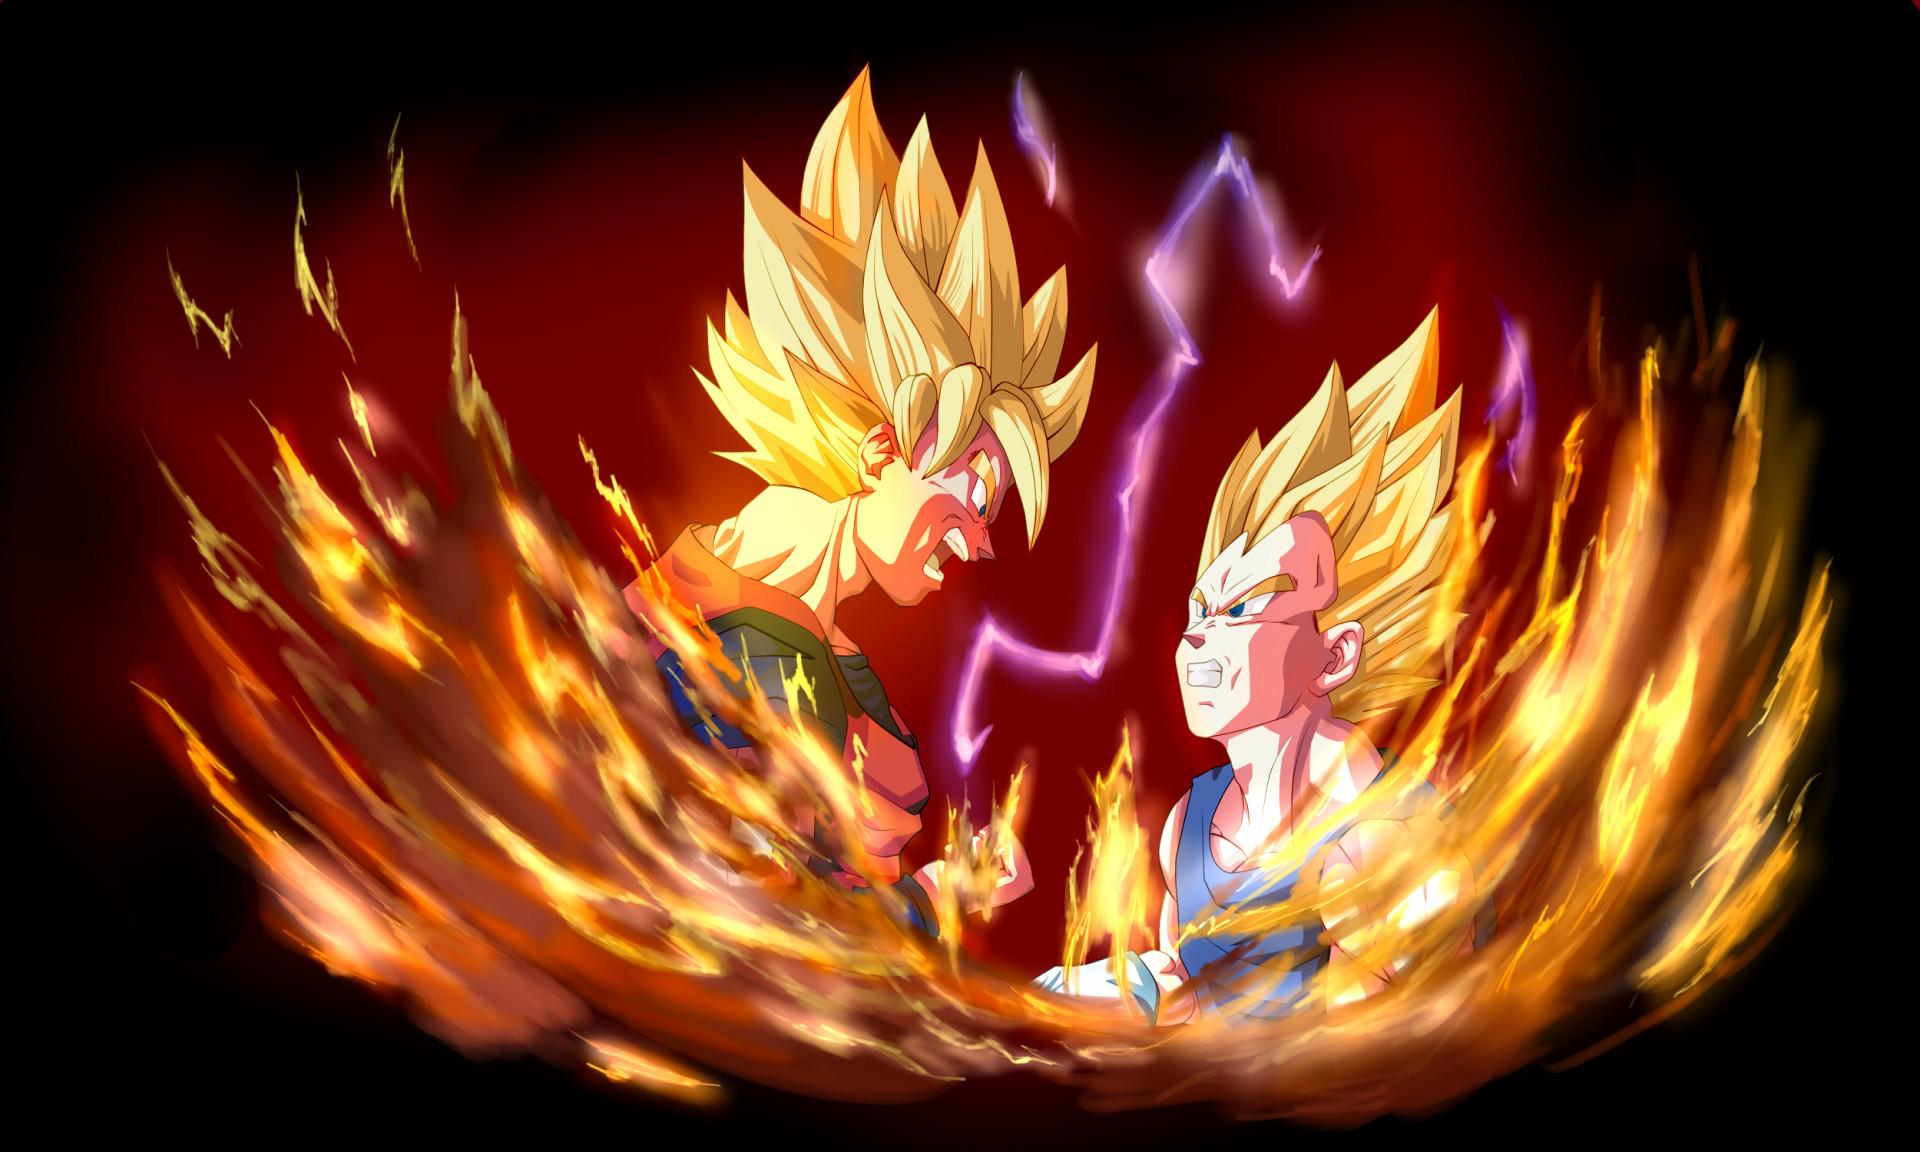 Anime Dragon Ball Z Vegeta (Dragon Ball) Goku Fondo de Pantalla